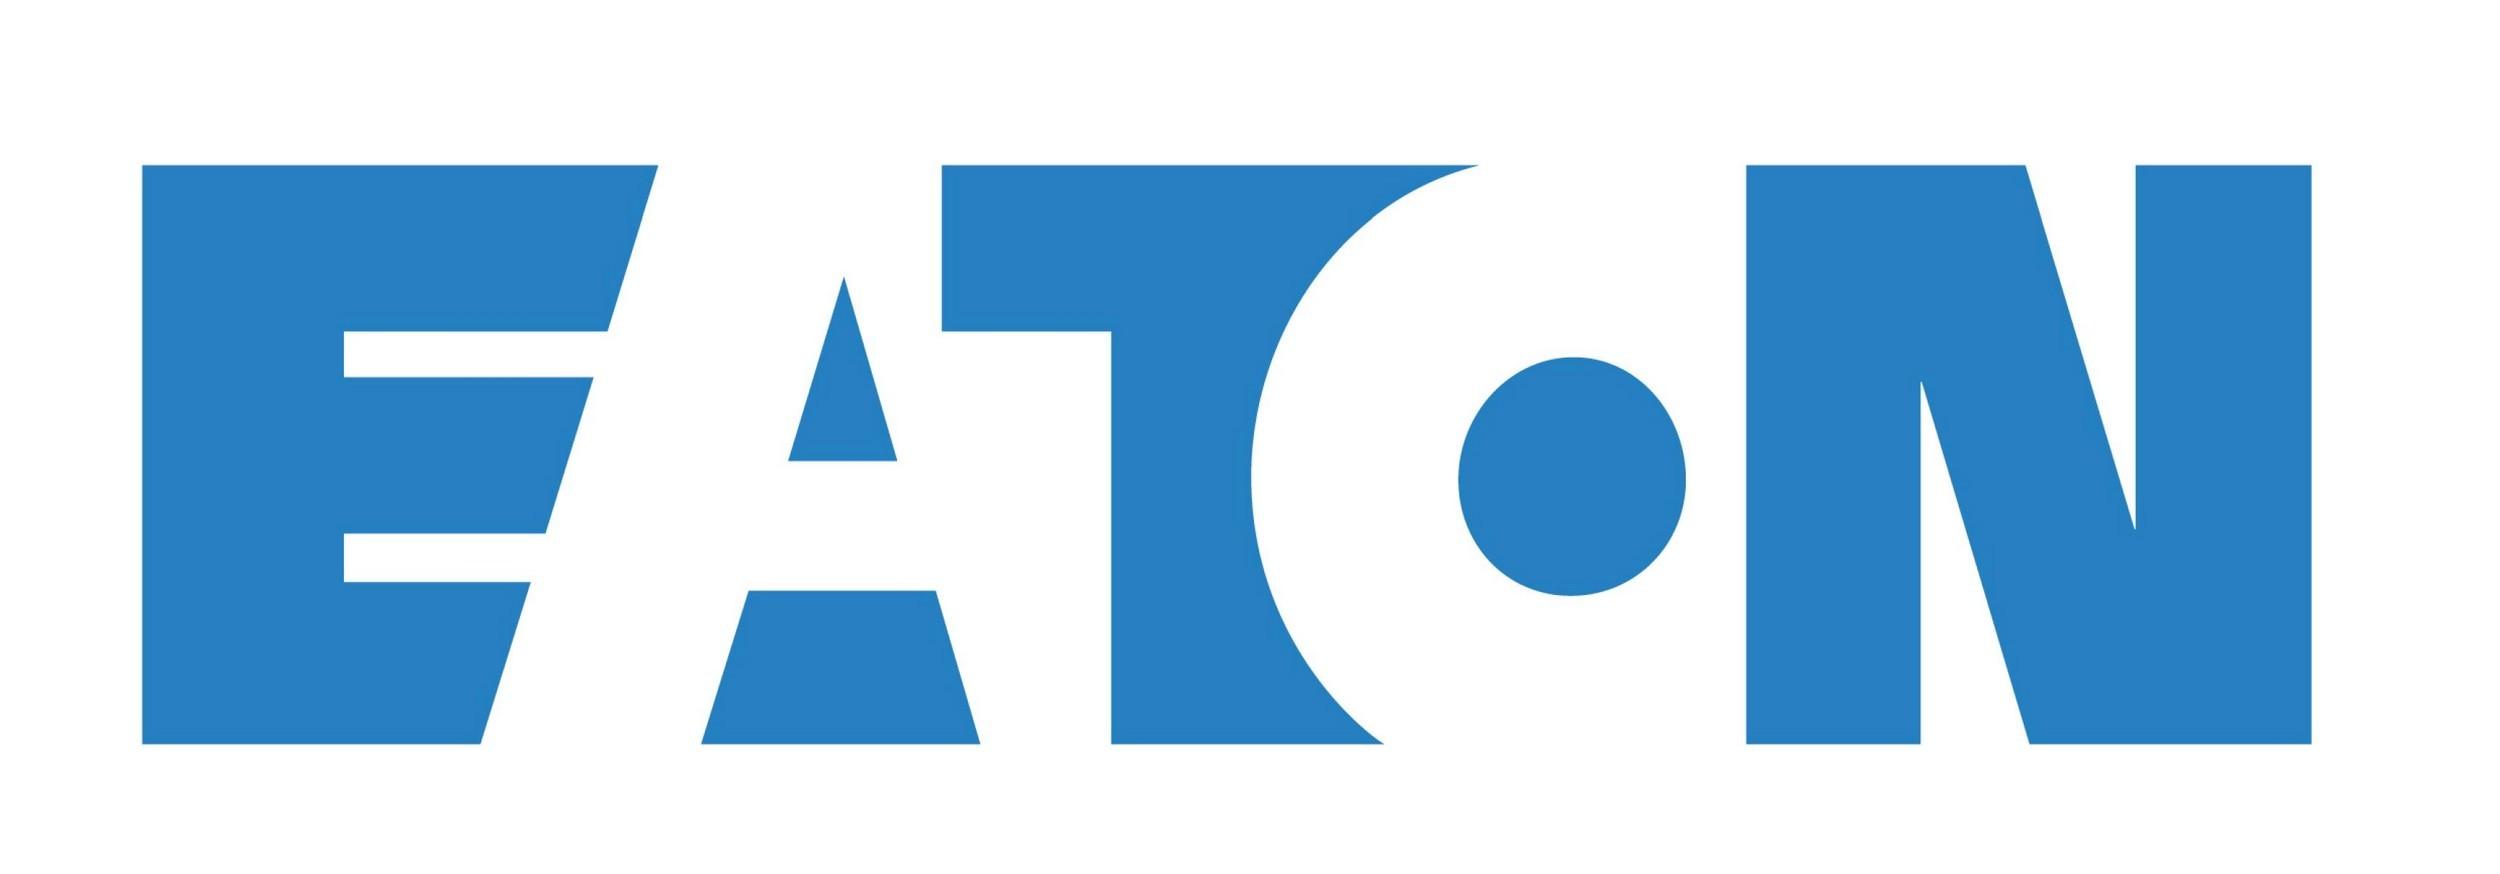 Eaton Corp